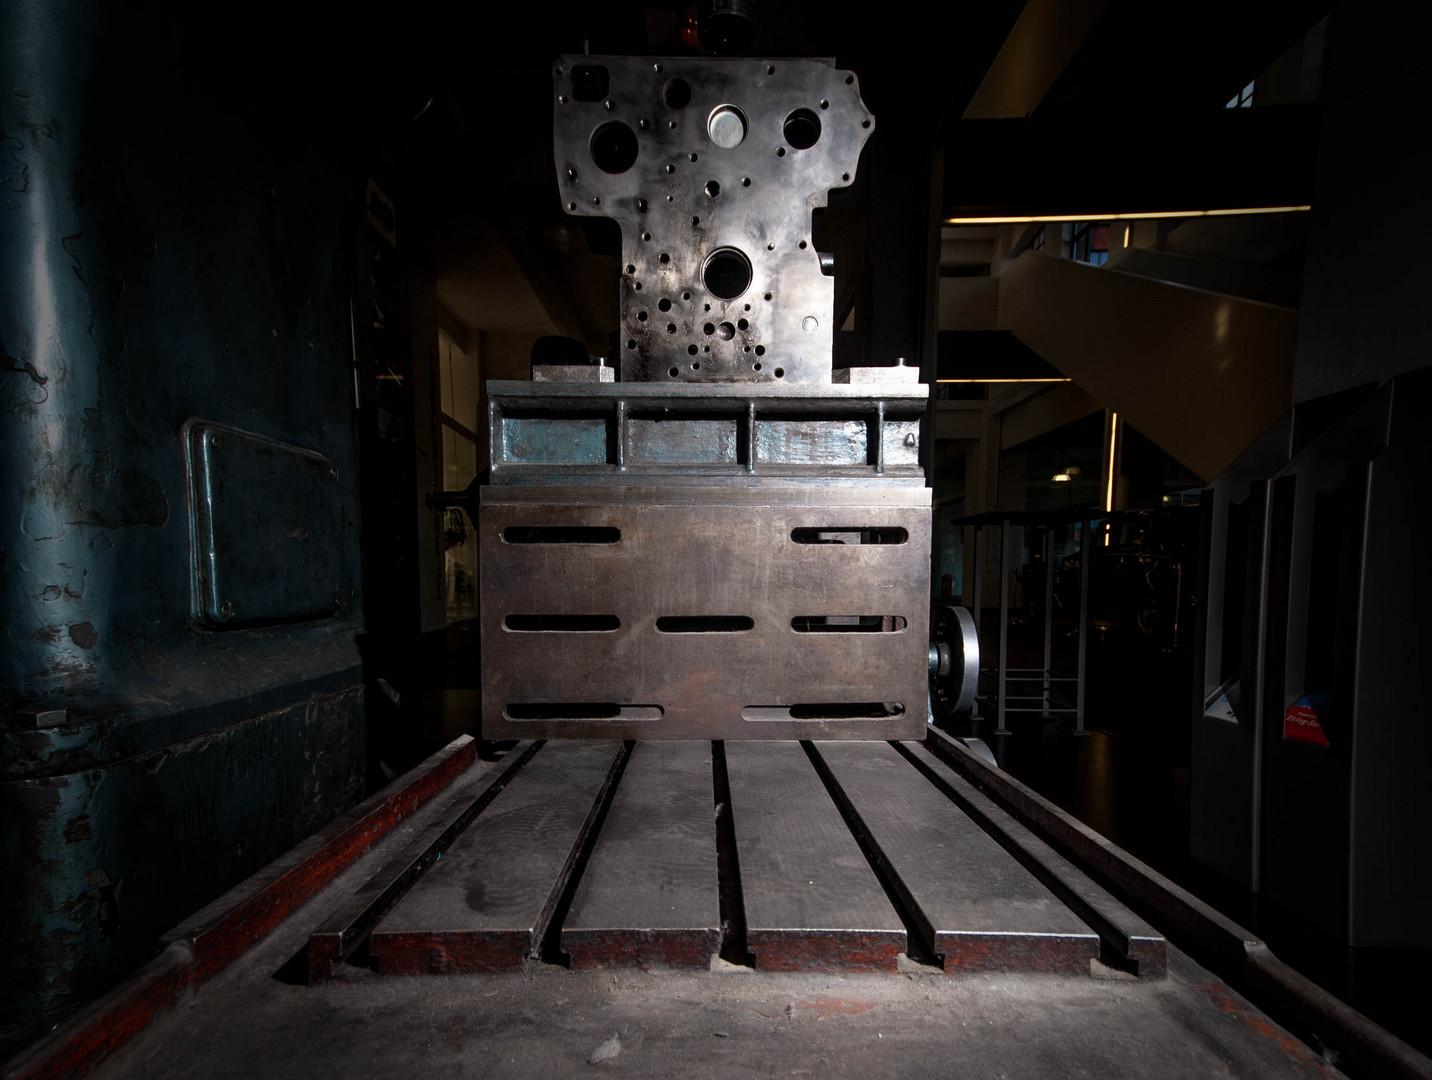 Maschinenbett